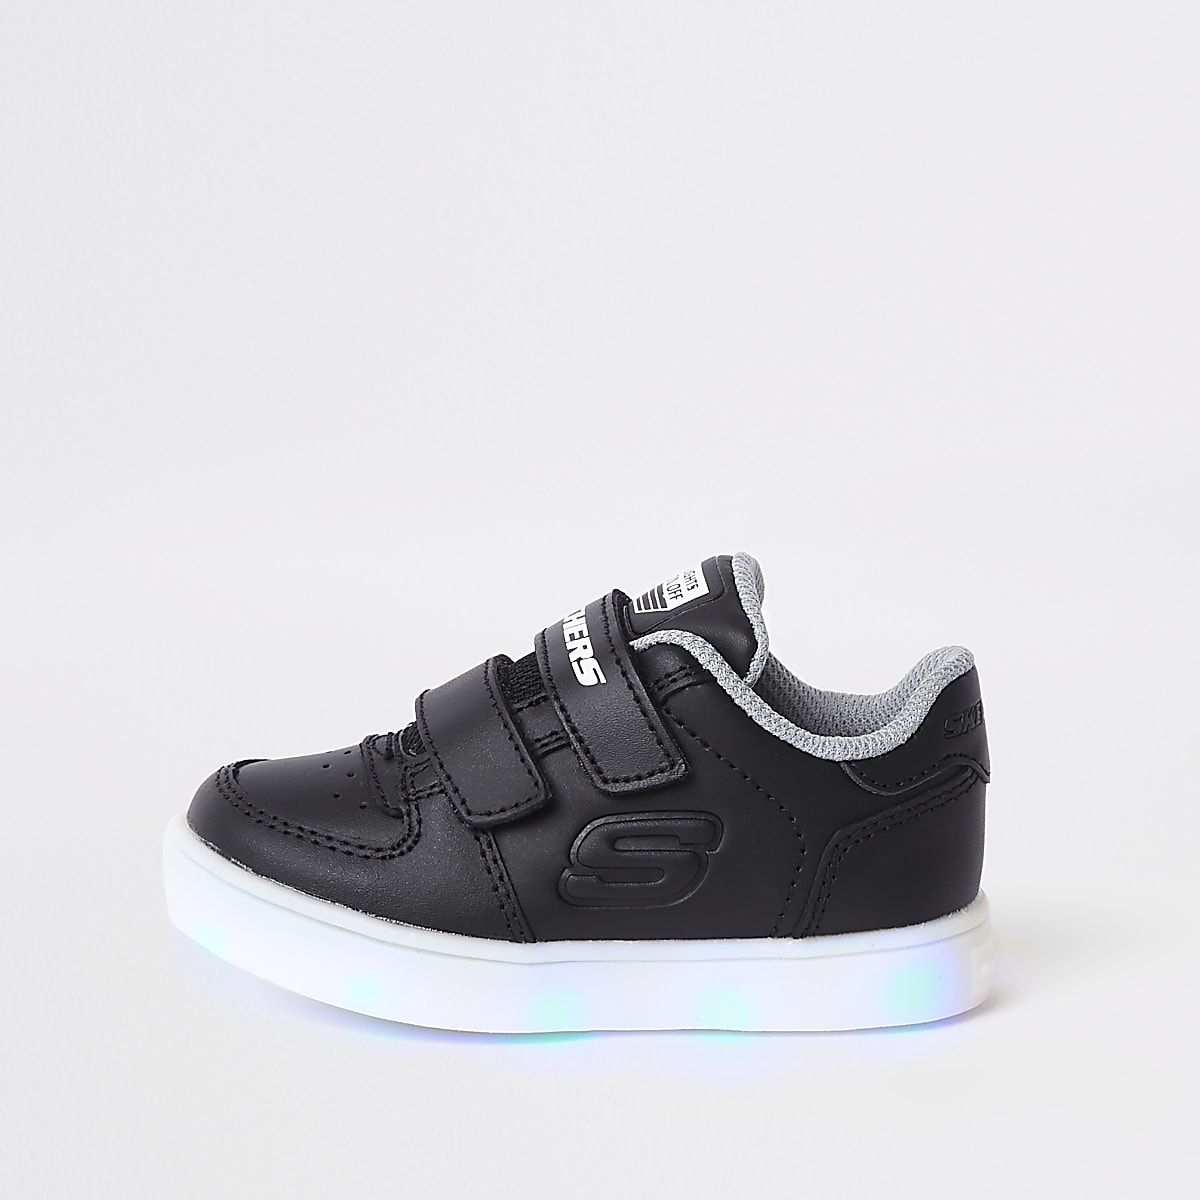 ed01d4b59 Mini boys Skechers black light-up trainers - Baby Boys Trainers - Baby Boys  Shoes & Boots - Mini Boys - boys